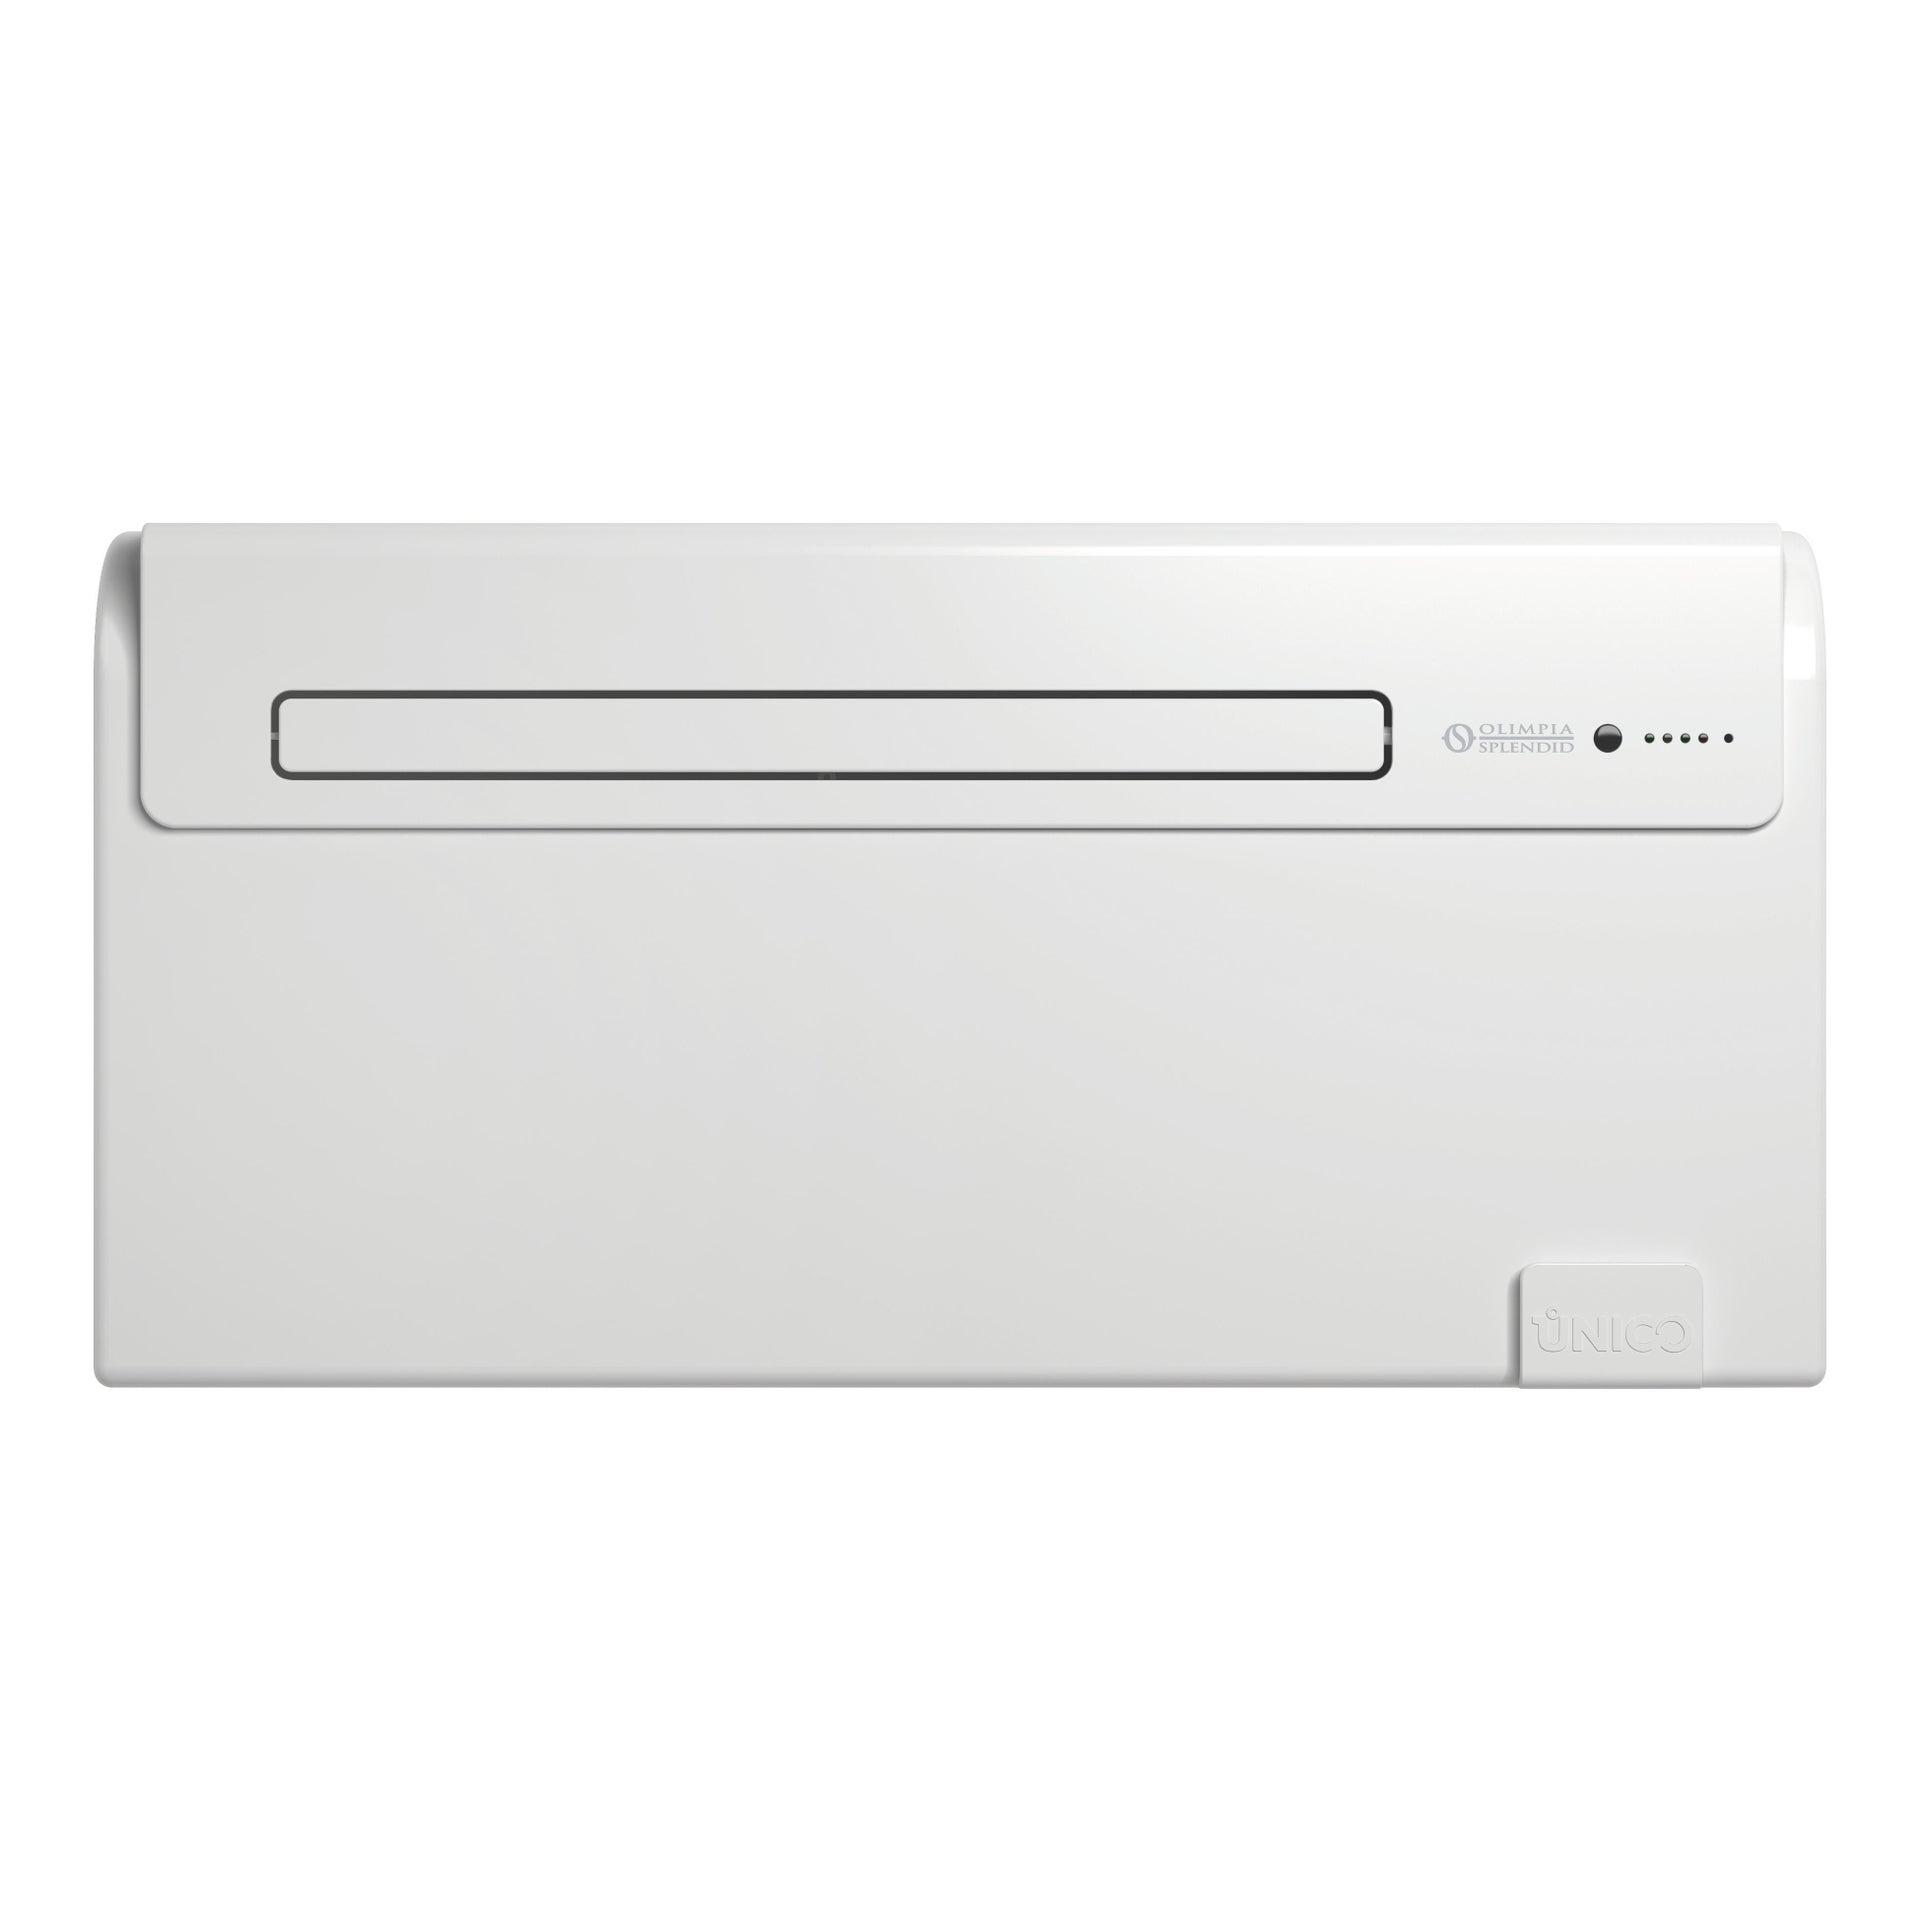 Climatizzatore a cassetta Monoblocco OLIMPIA SPLENDID 9000 - 5